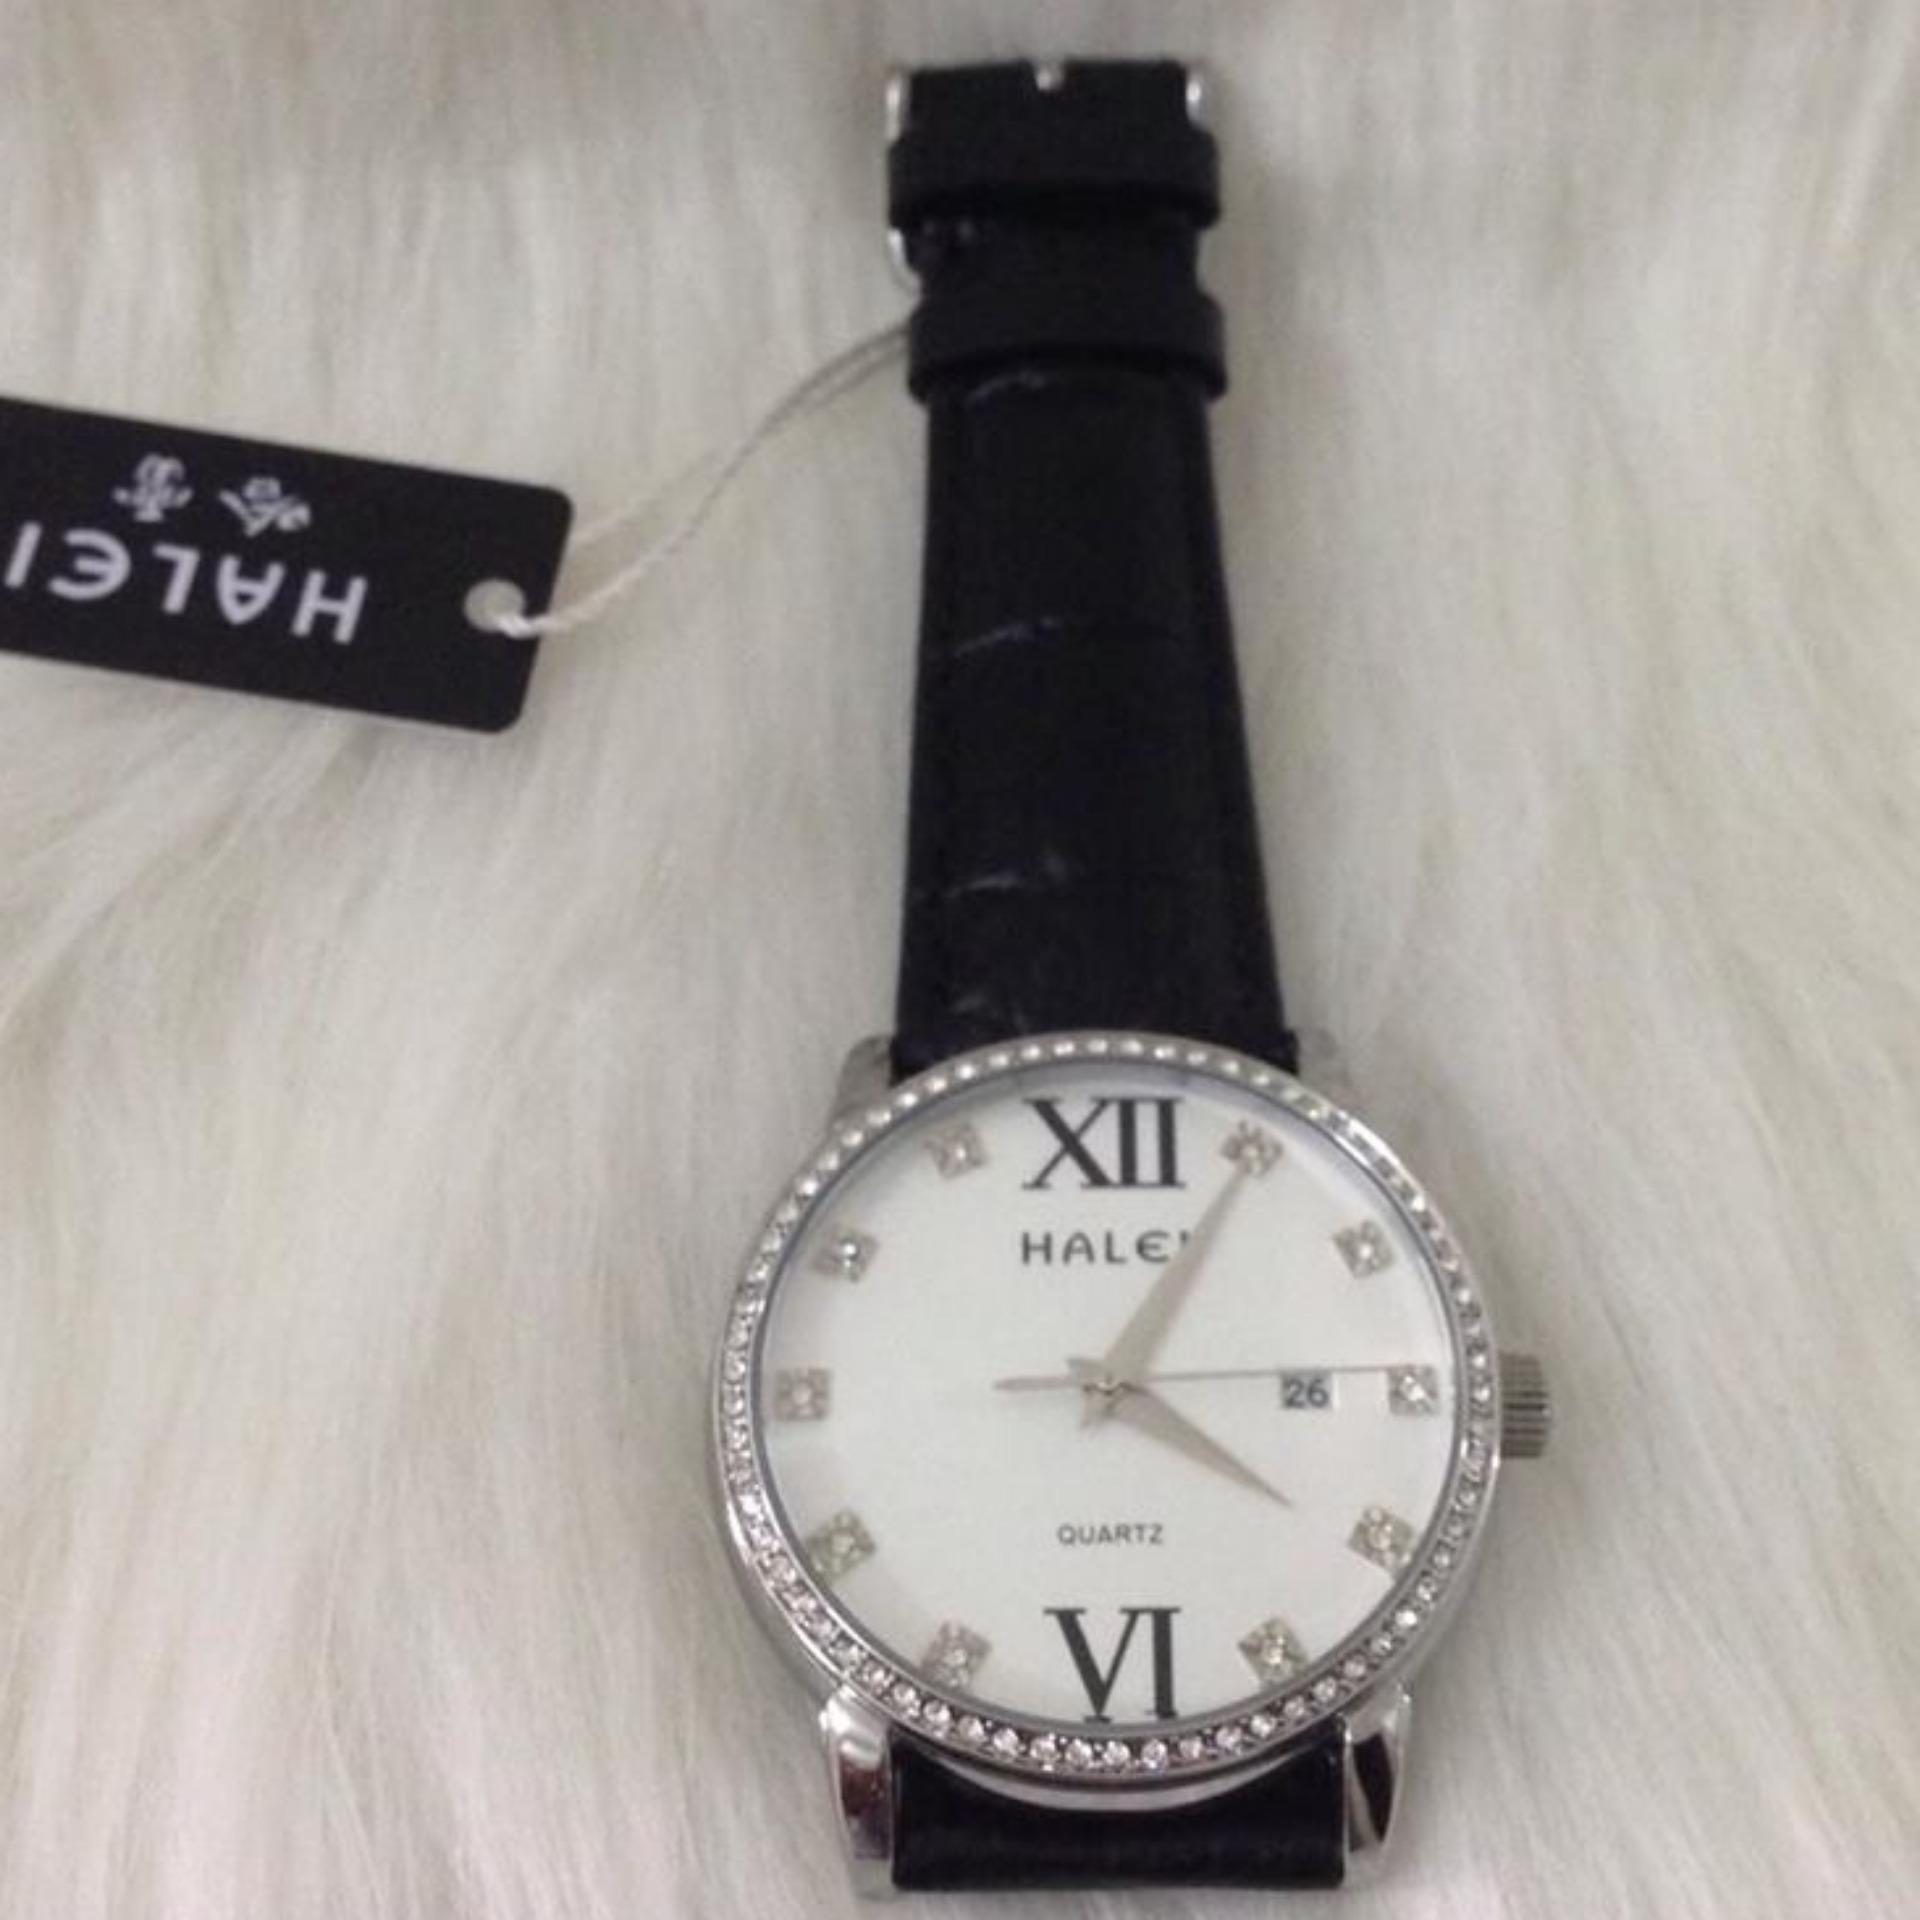 Đồng hồ nữ dây da đen Halei ( mặt trắng)